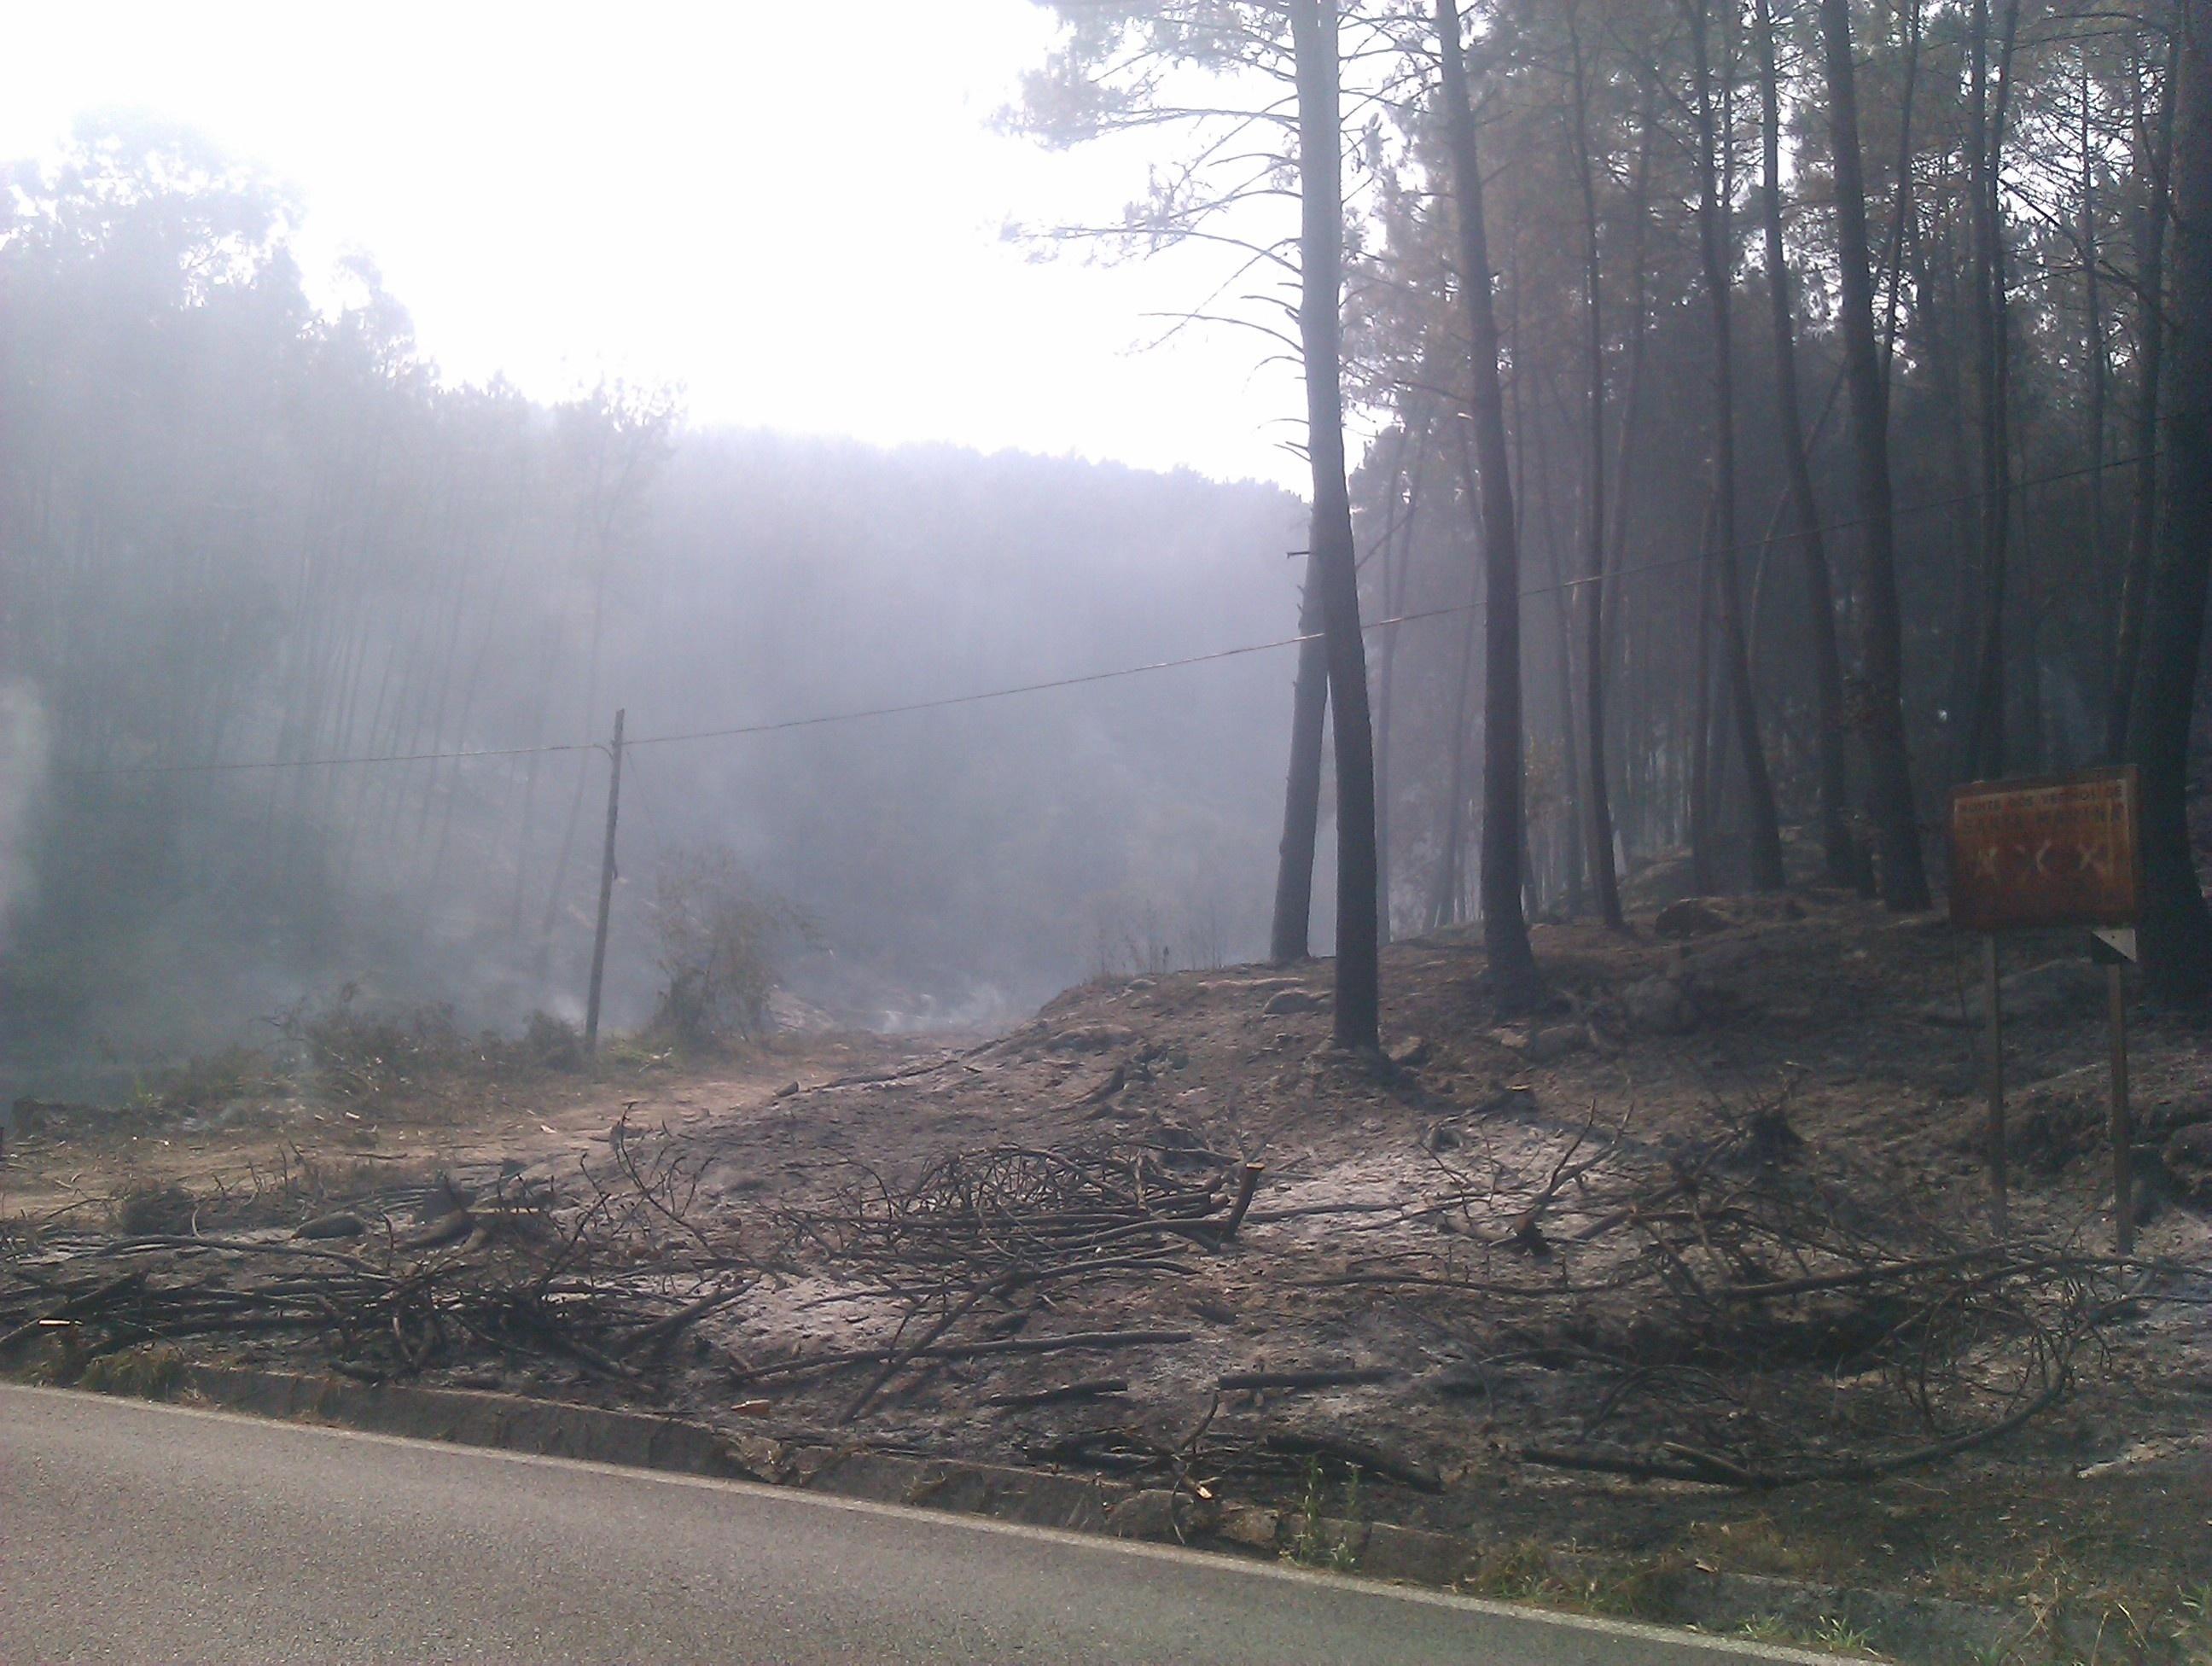 Movilizados más de 600 efectivos por el incendio de Oia, al que se suman 45 de la UME desde Zaragoza